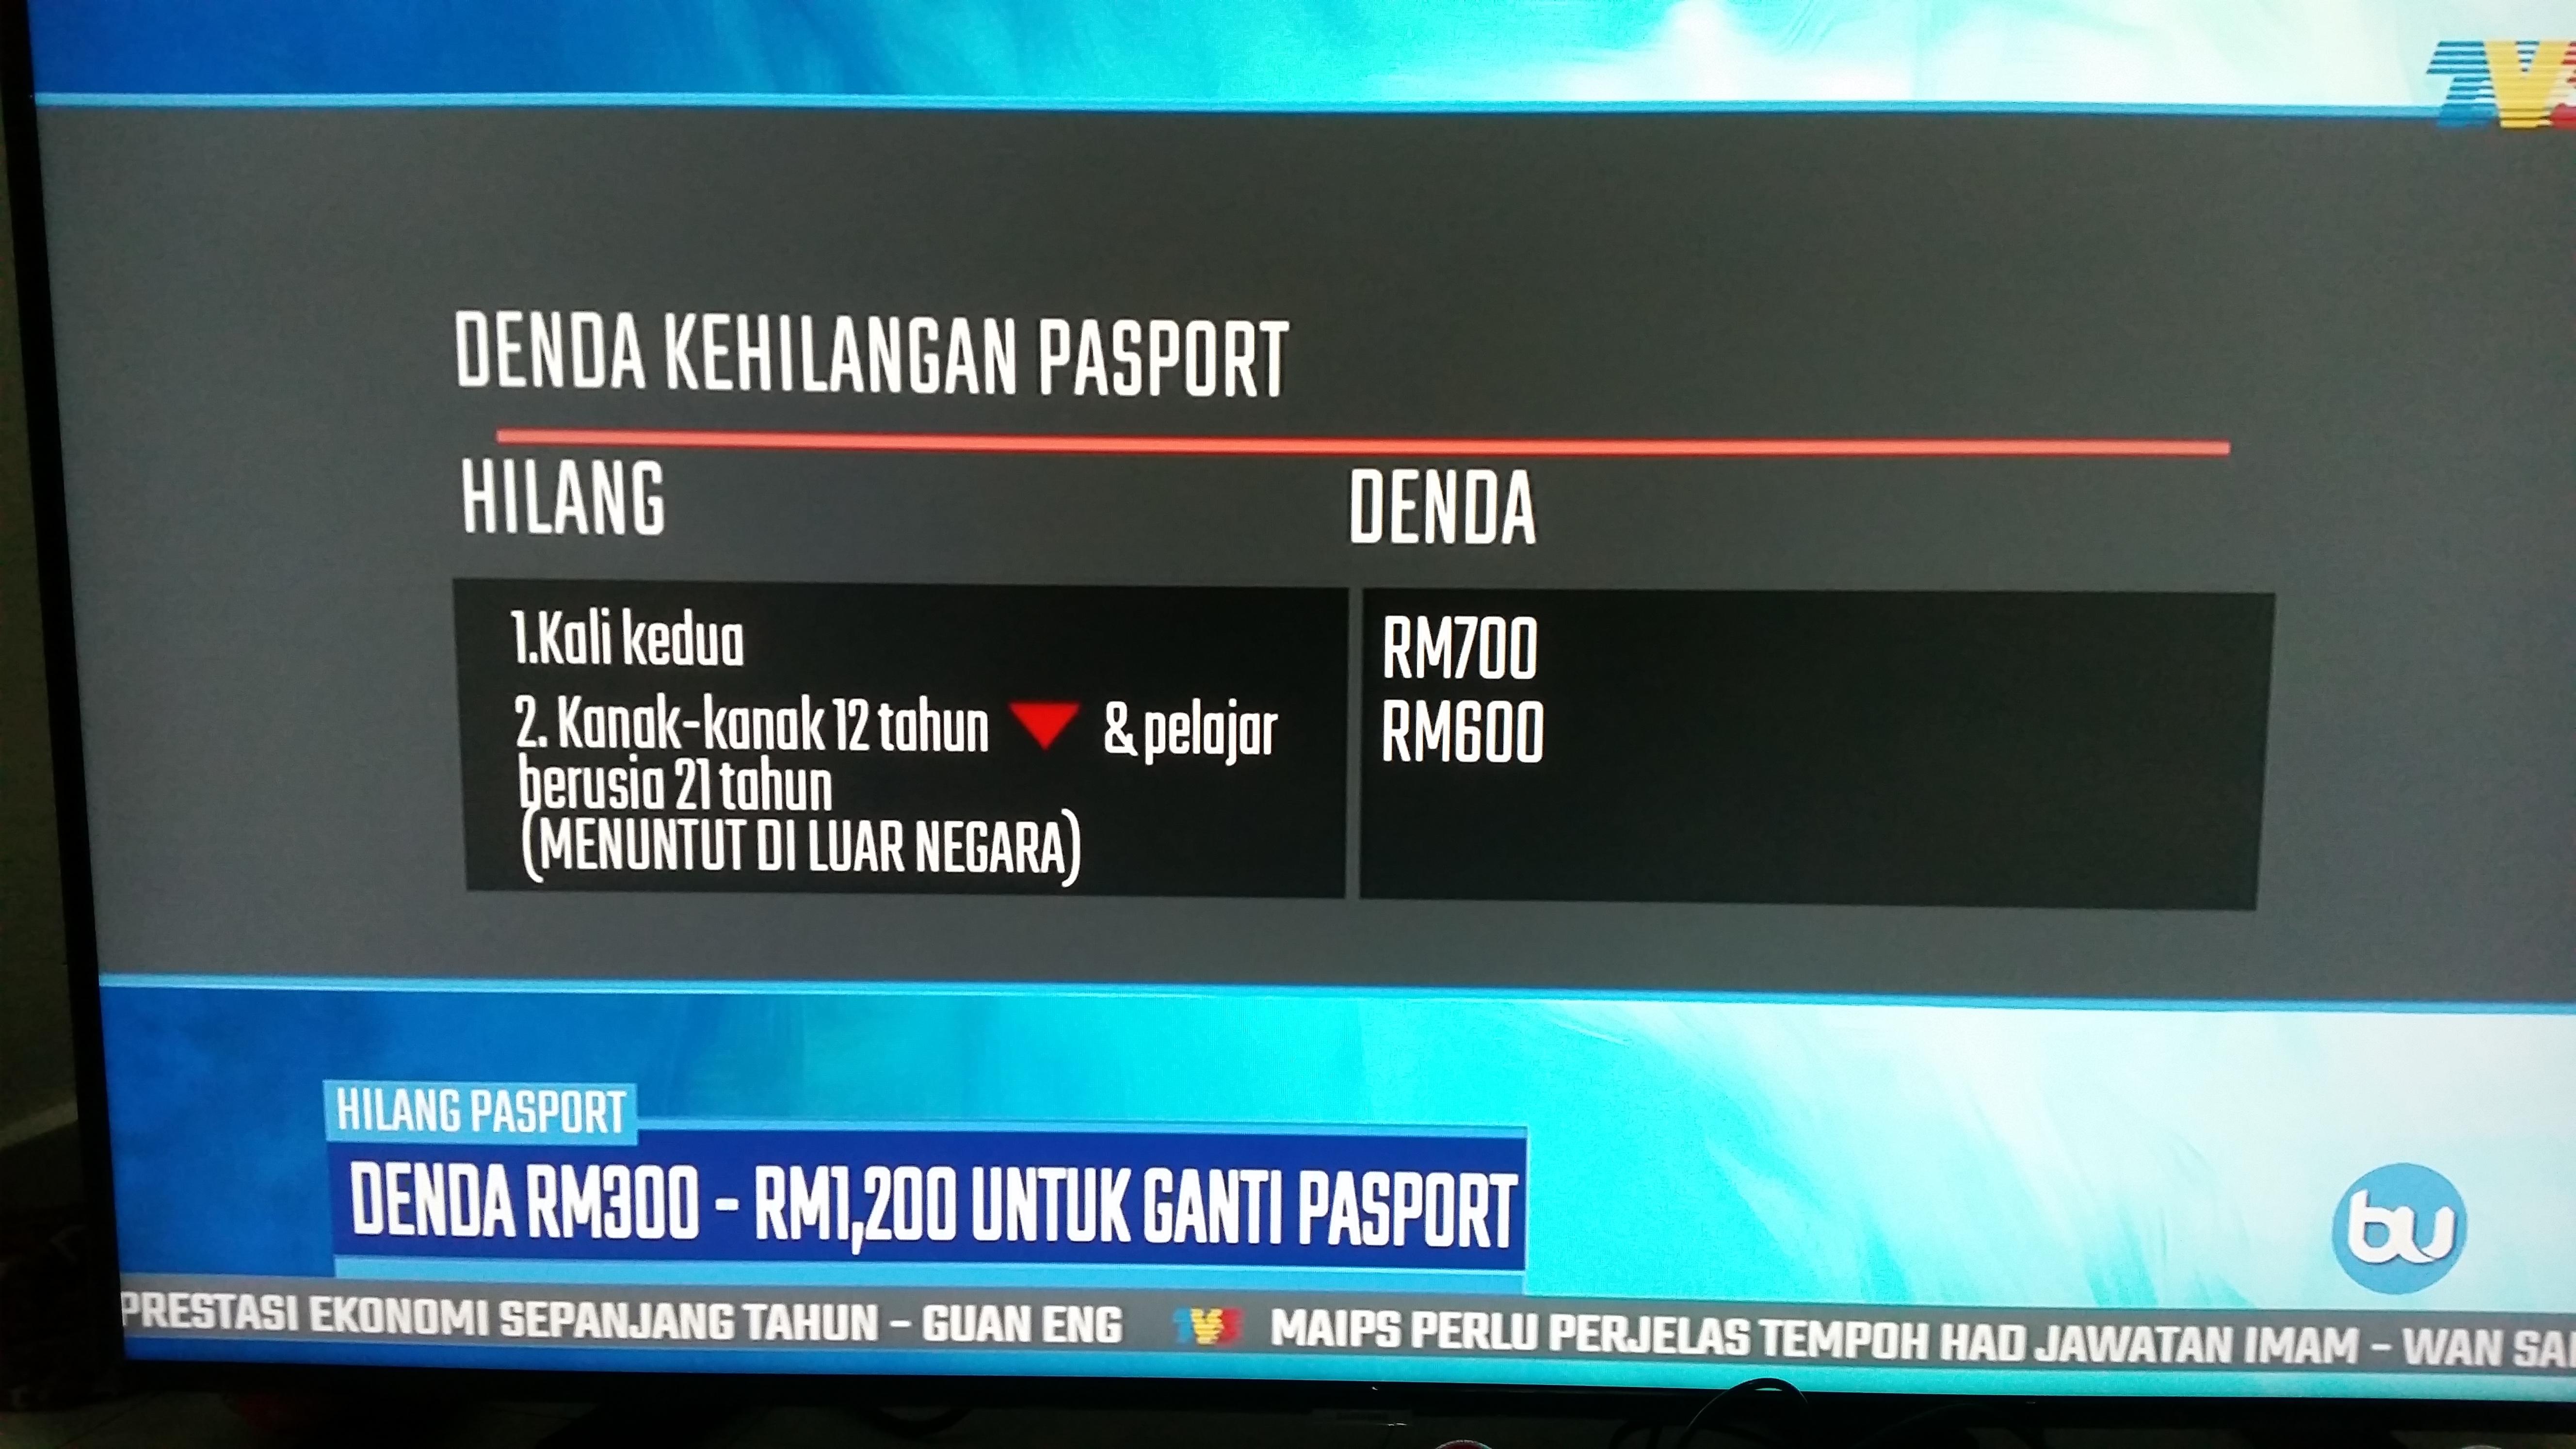 Denda hilang pasport malaysia